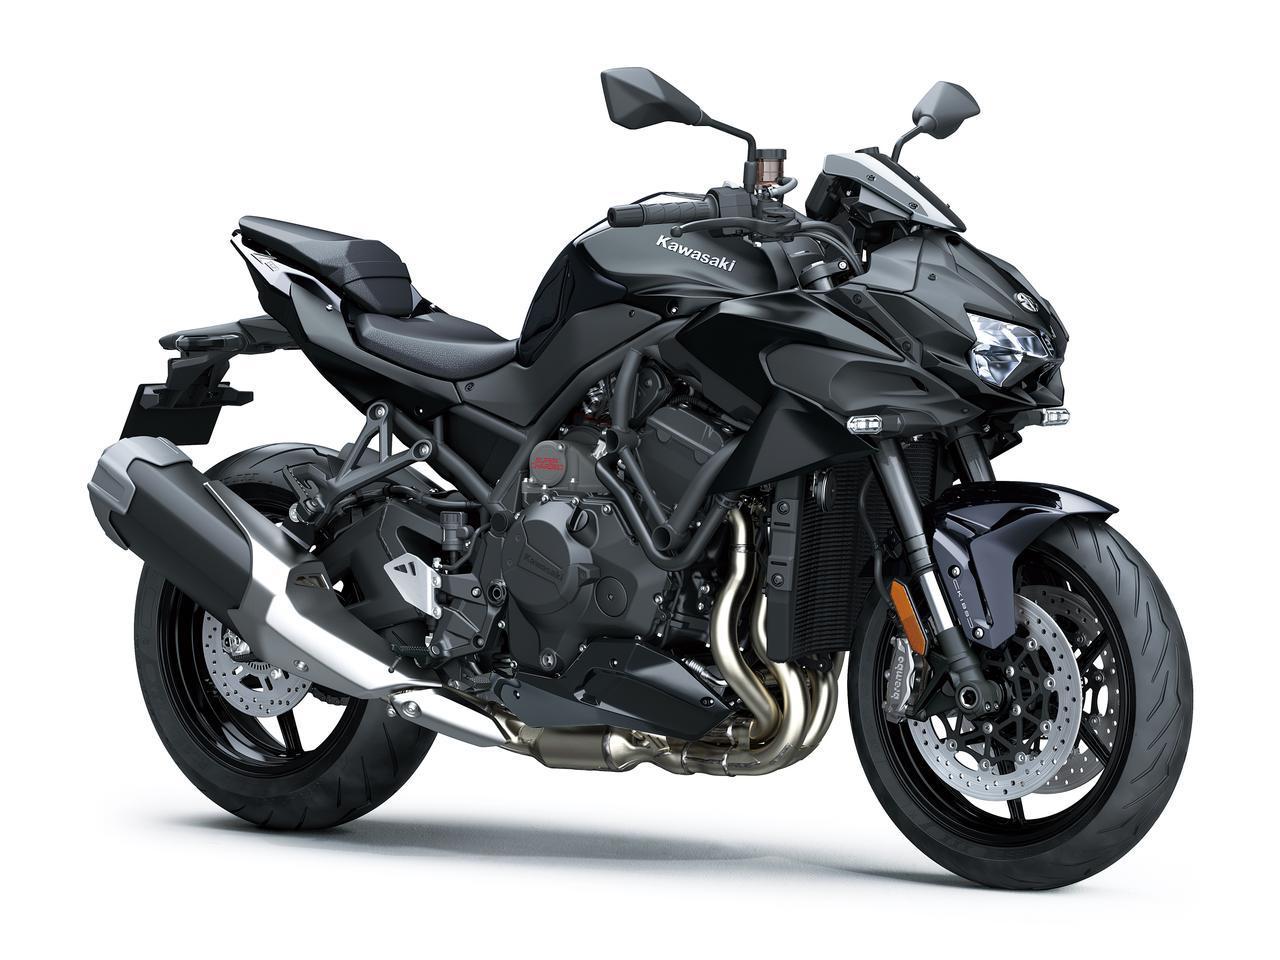 画像: Kawasaki Z H2 総排気量:998cc エンジン形式:水冷4ストDOHC4バルブ並列4気筒 シート高:830mm 車両重量:240kg ※写真はノーマル仕様車